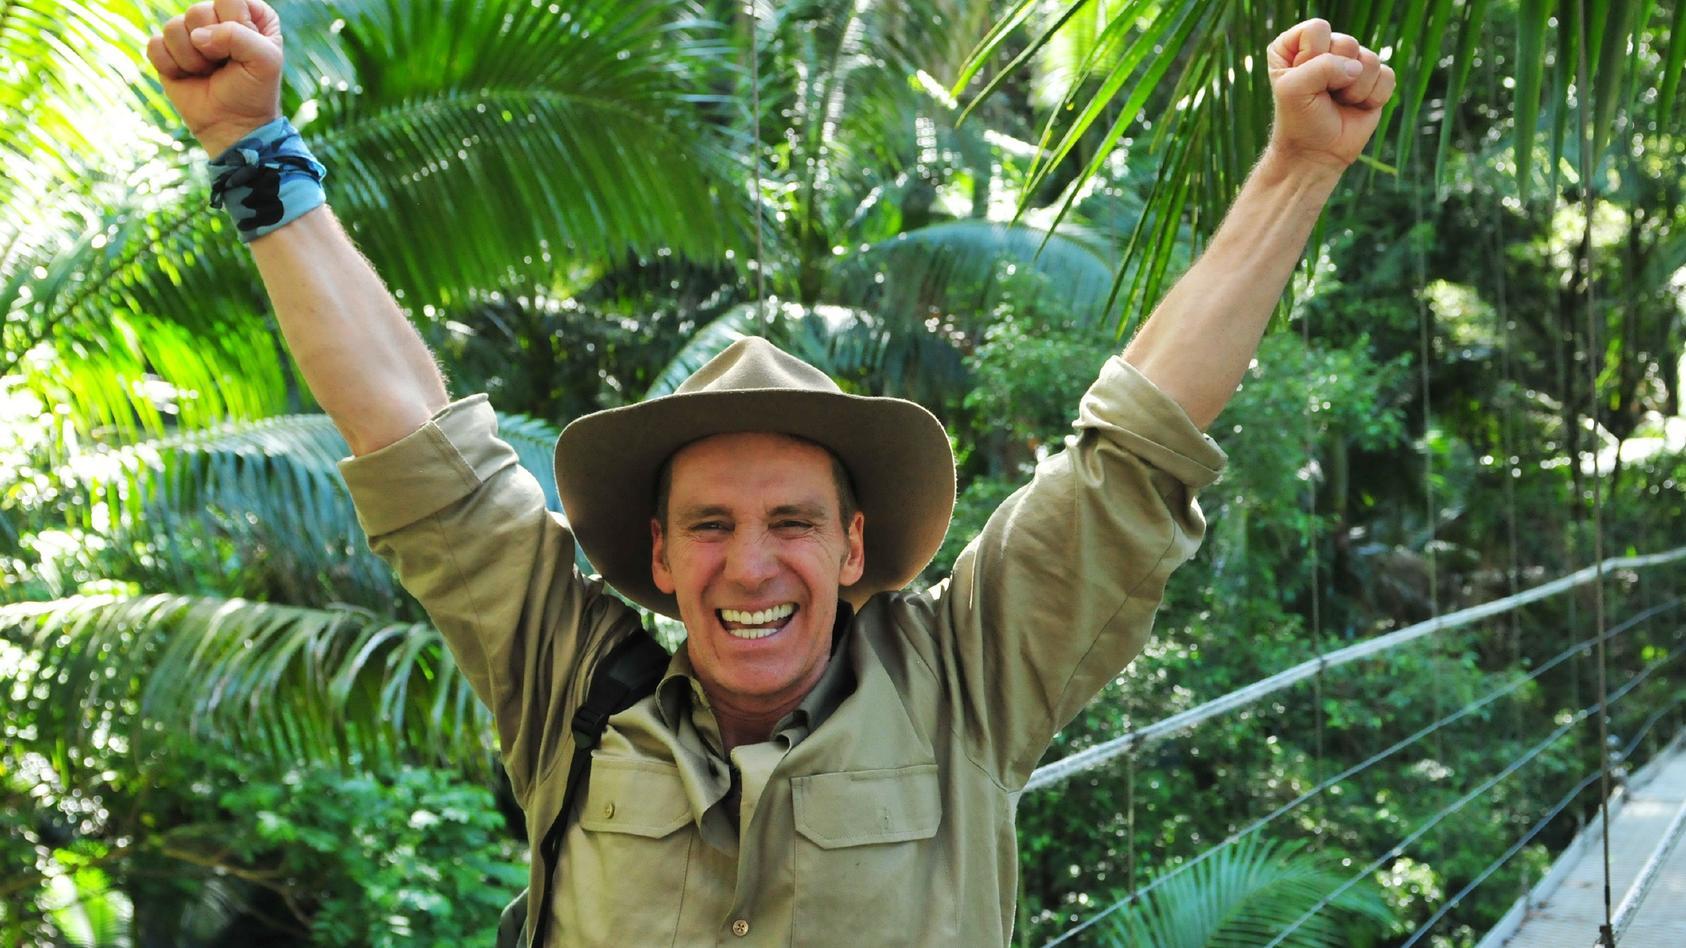 """""""Ich bin ein Star - Holt mich hier raus!"""" - Jürgen Milski muss als Ex-Dschungelcamper doch wissen was da abgeht. Oder nicht?"""